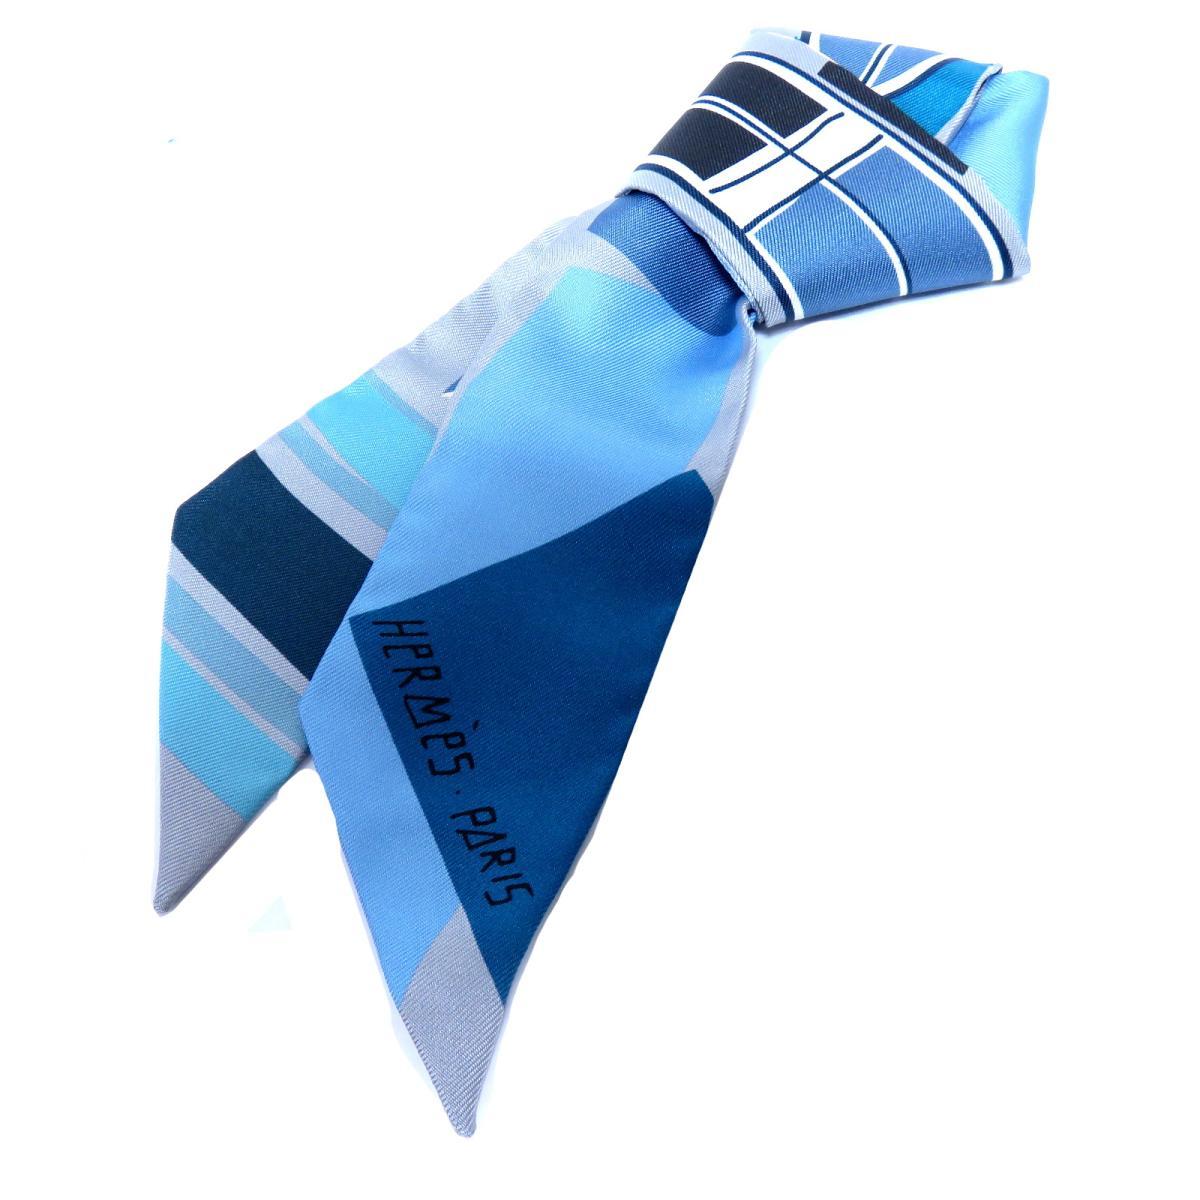 エルメス トゥイリー スカーフ 衣料品 レディース シルク GRIS/CIEL/COBA | HERMES BRANDOFF ブランドオフ ブランド